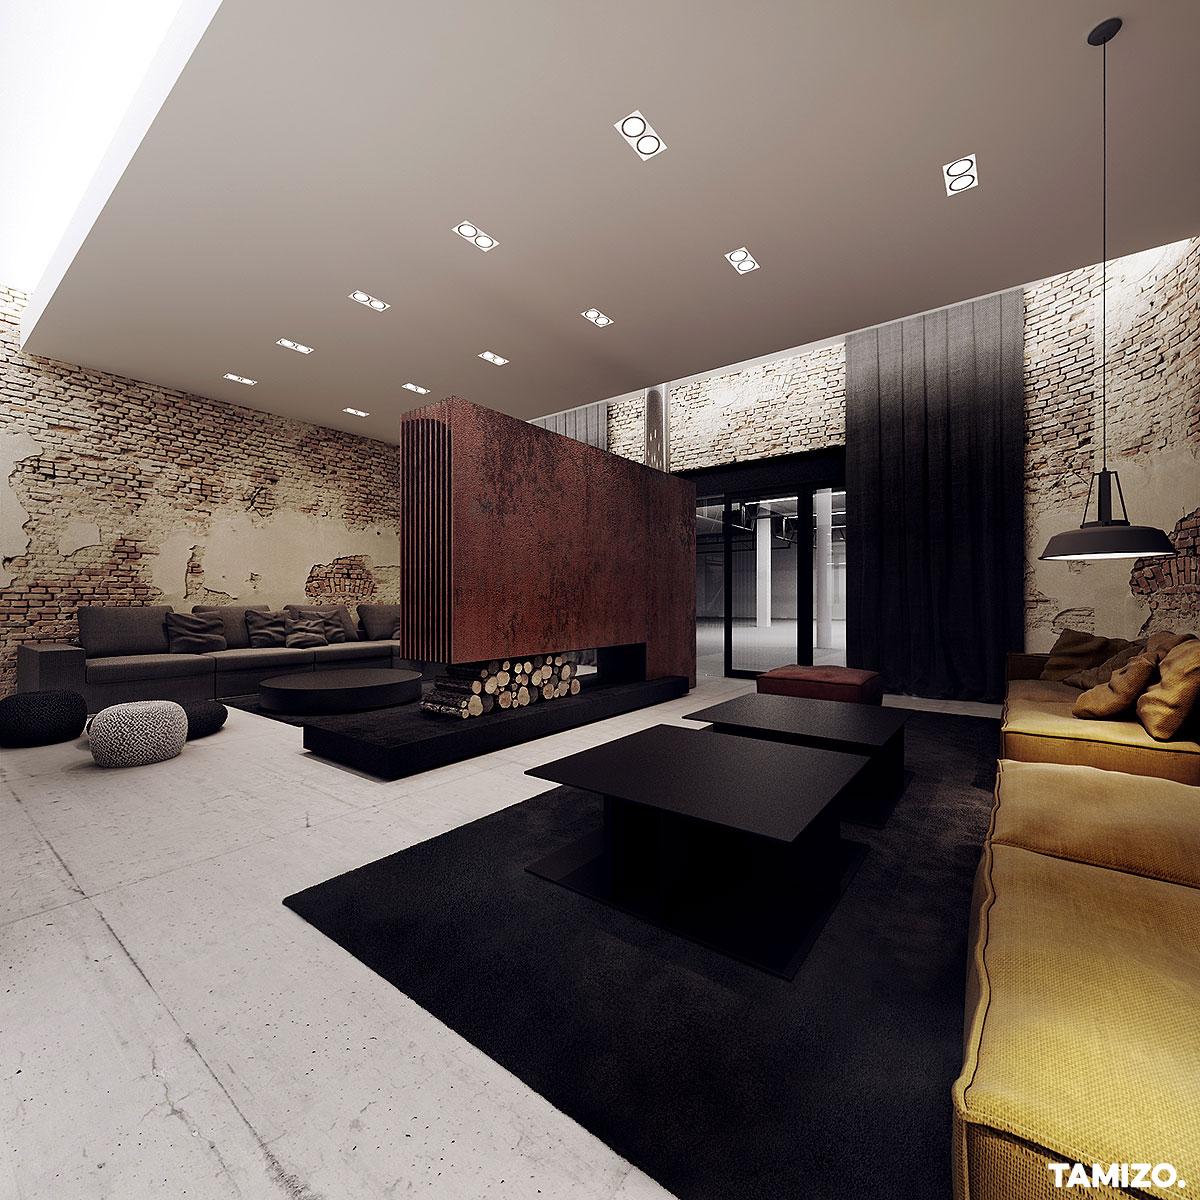 I049_tamizo_architekci_ekspozycja-salon-wnetrza-showroom-kler-projekt-konkursowy-06